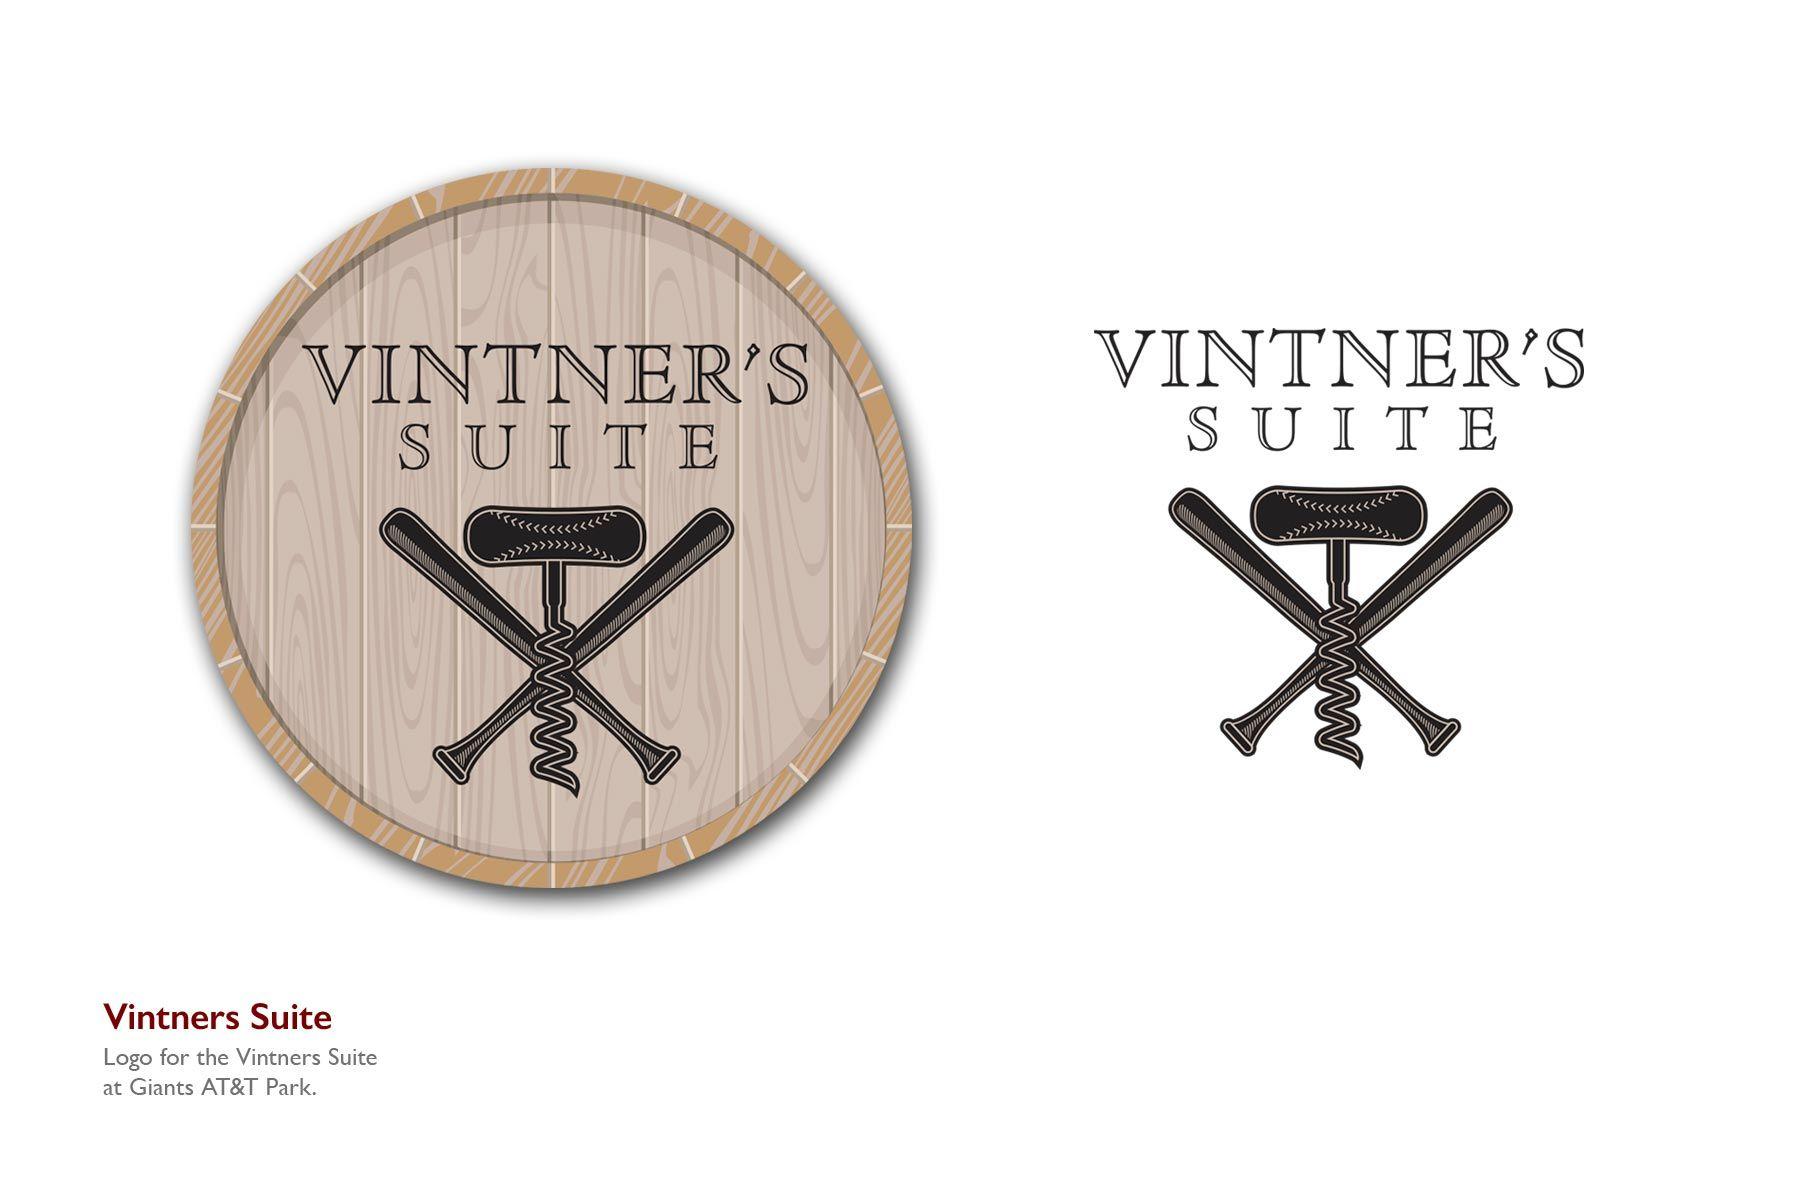 Vintners Suite